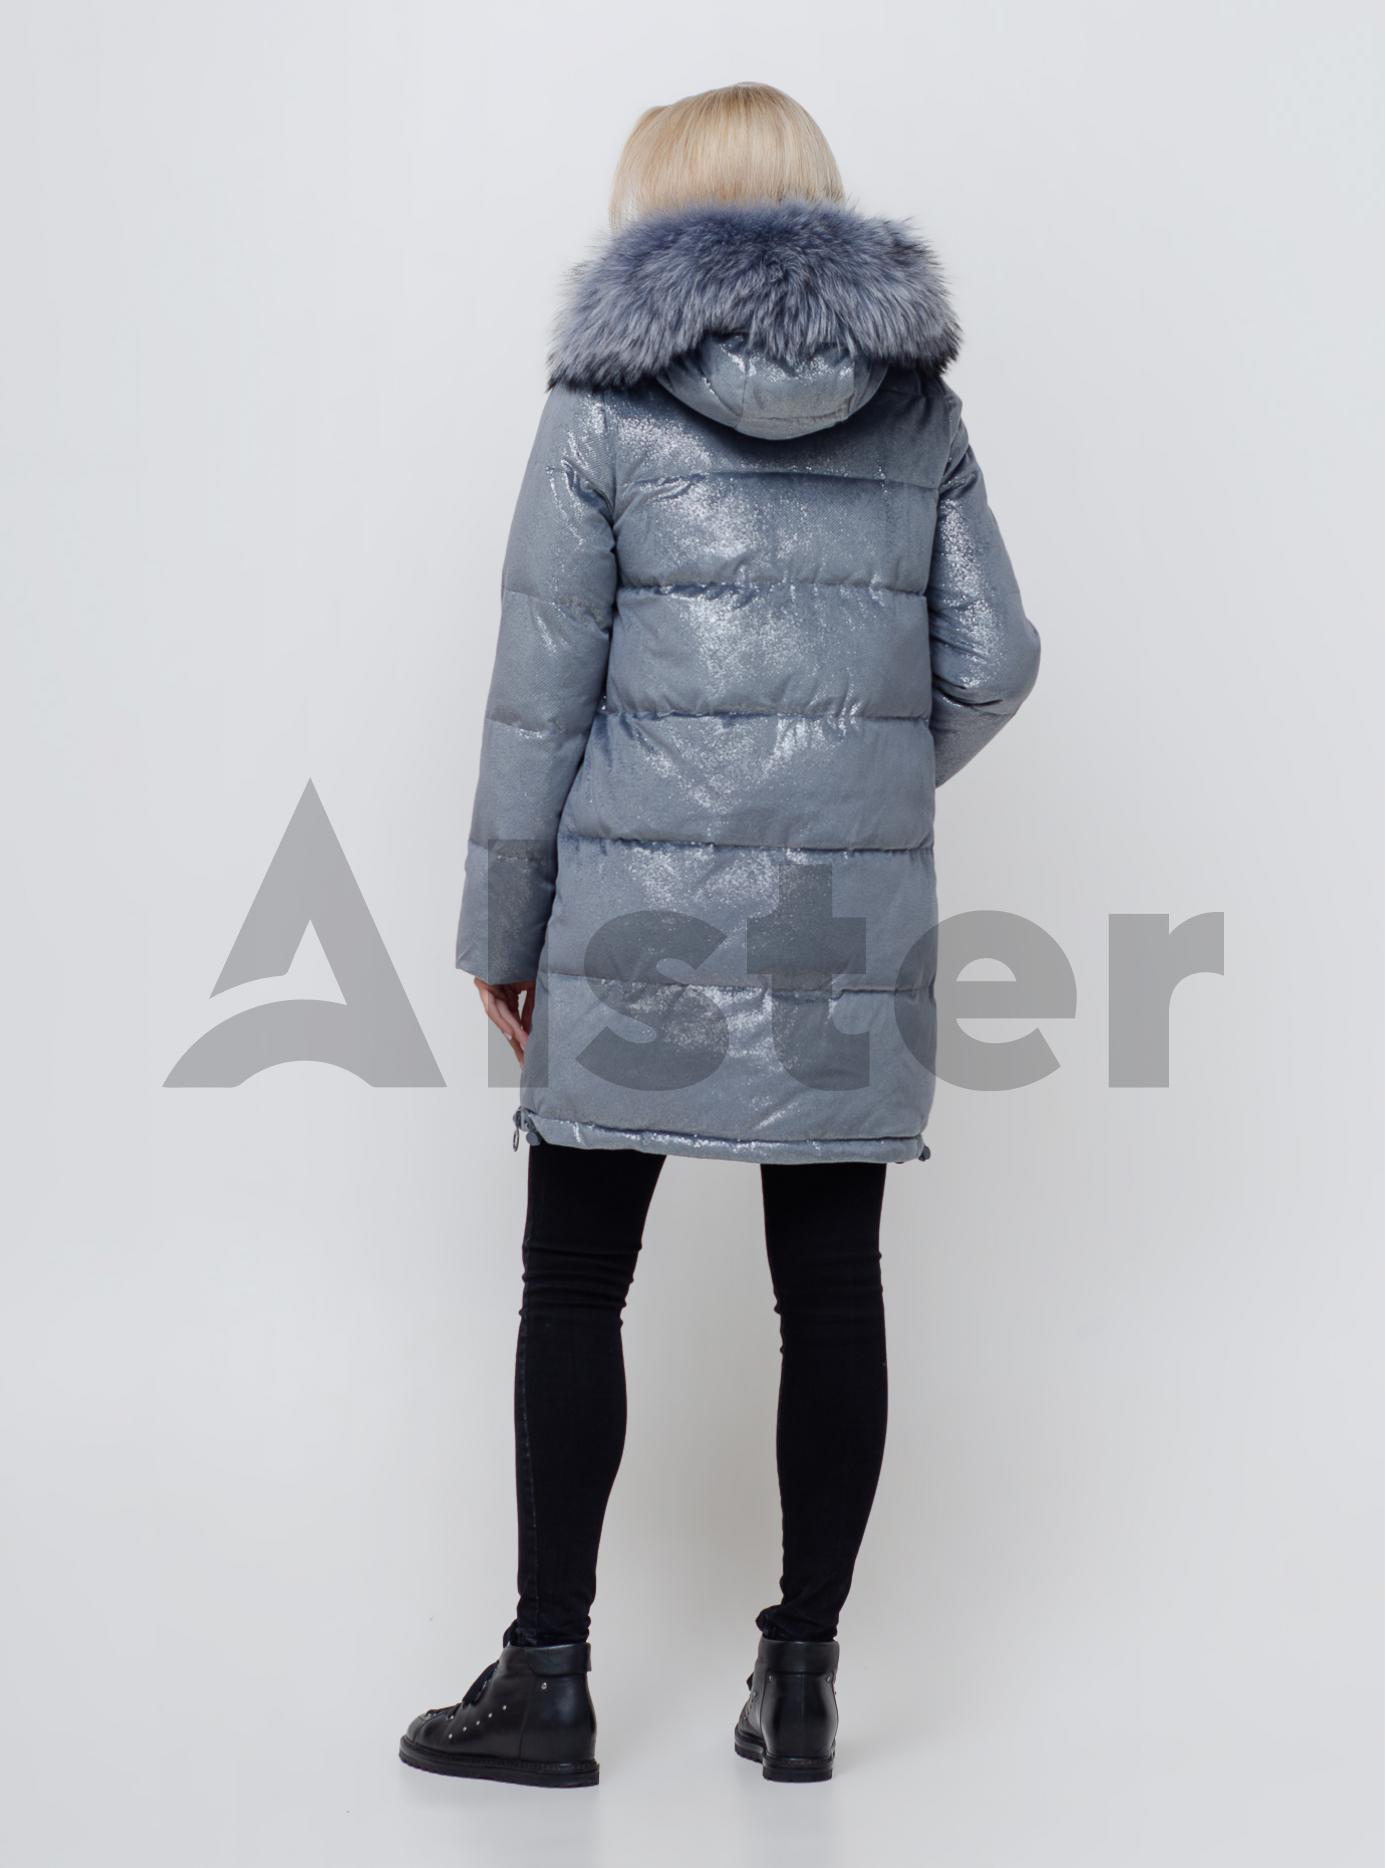 Жіноча зимова куртка з хутром Сіро-блакитний S (05-SV201084): фото - Alster.ua